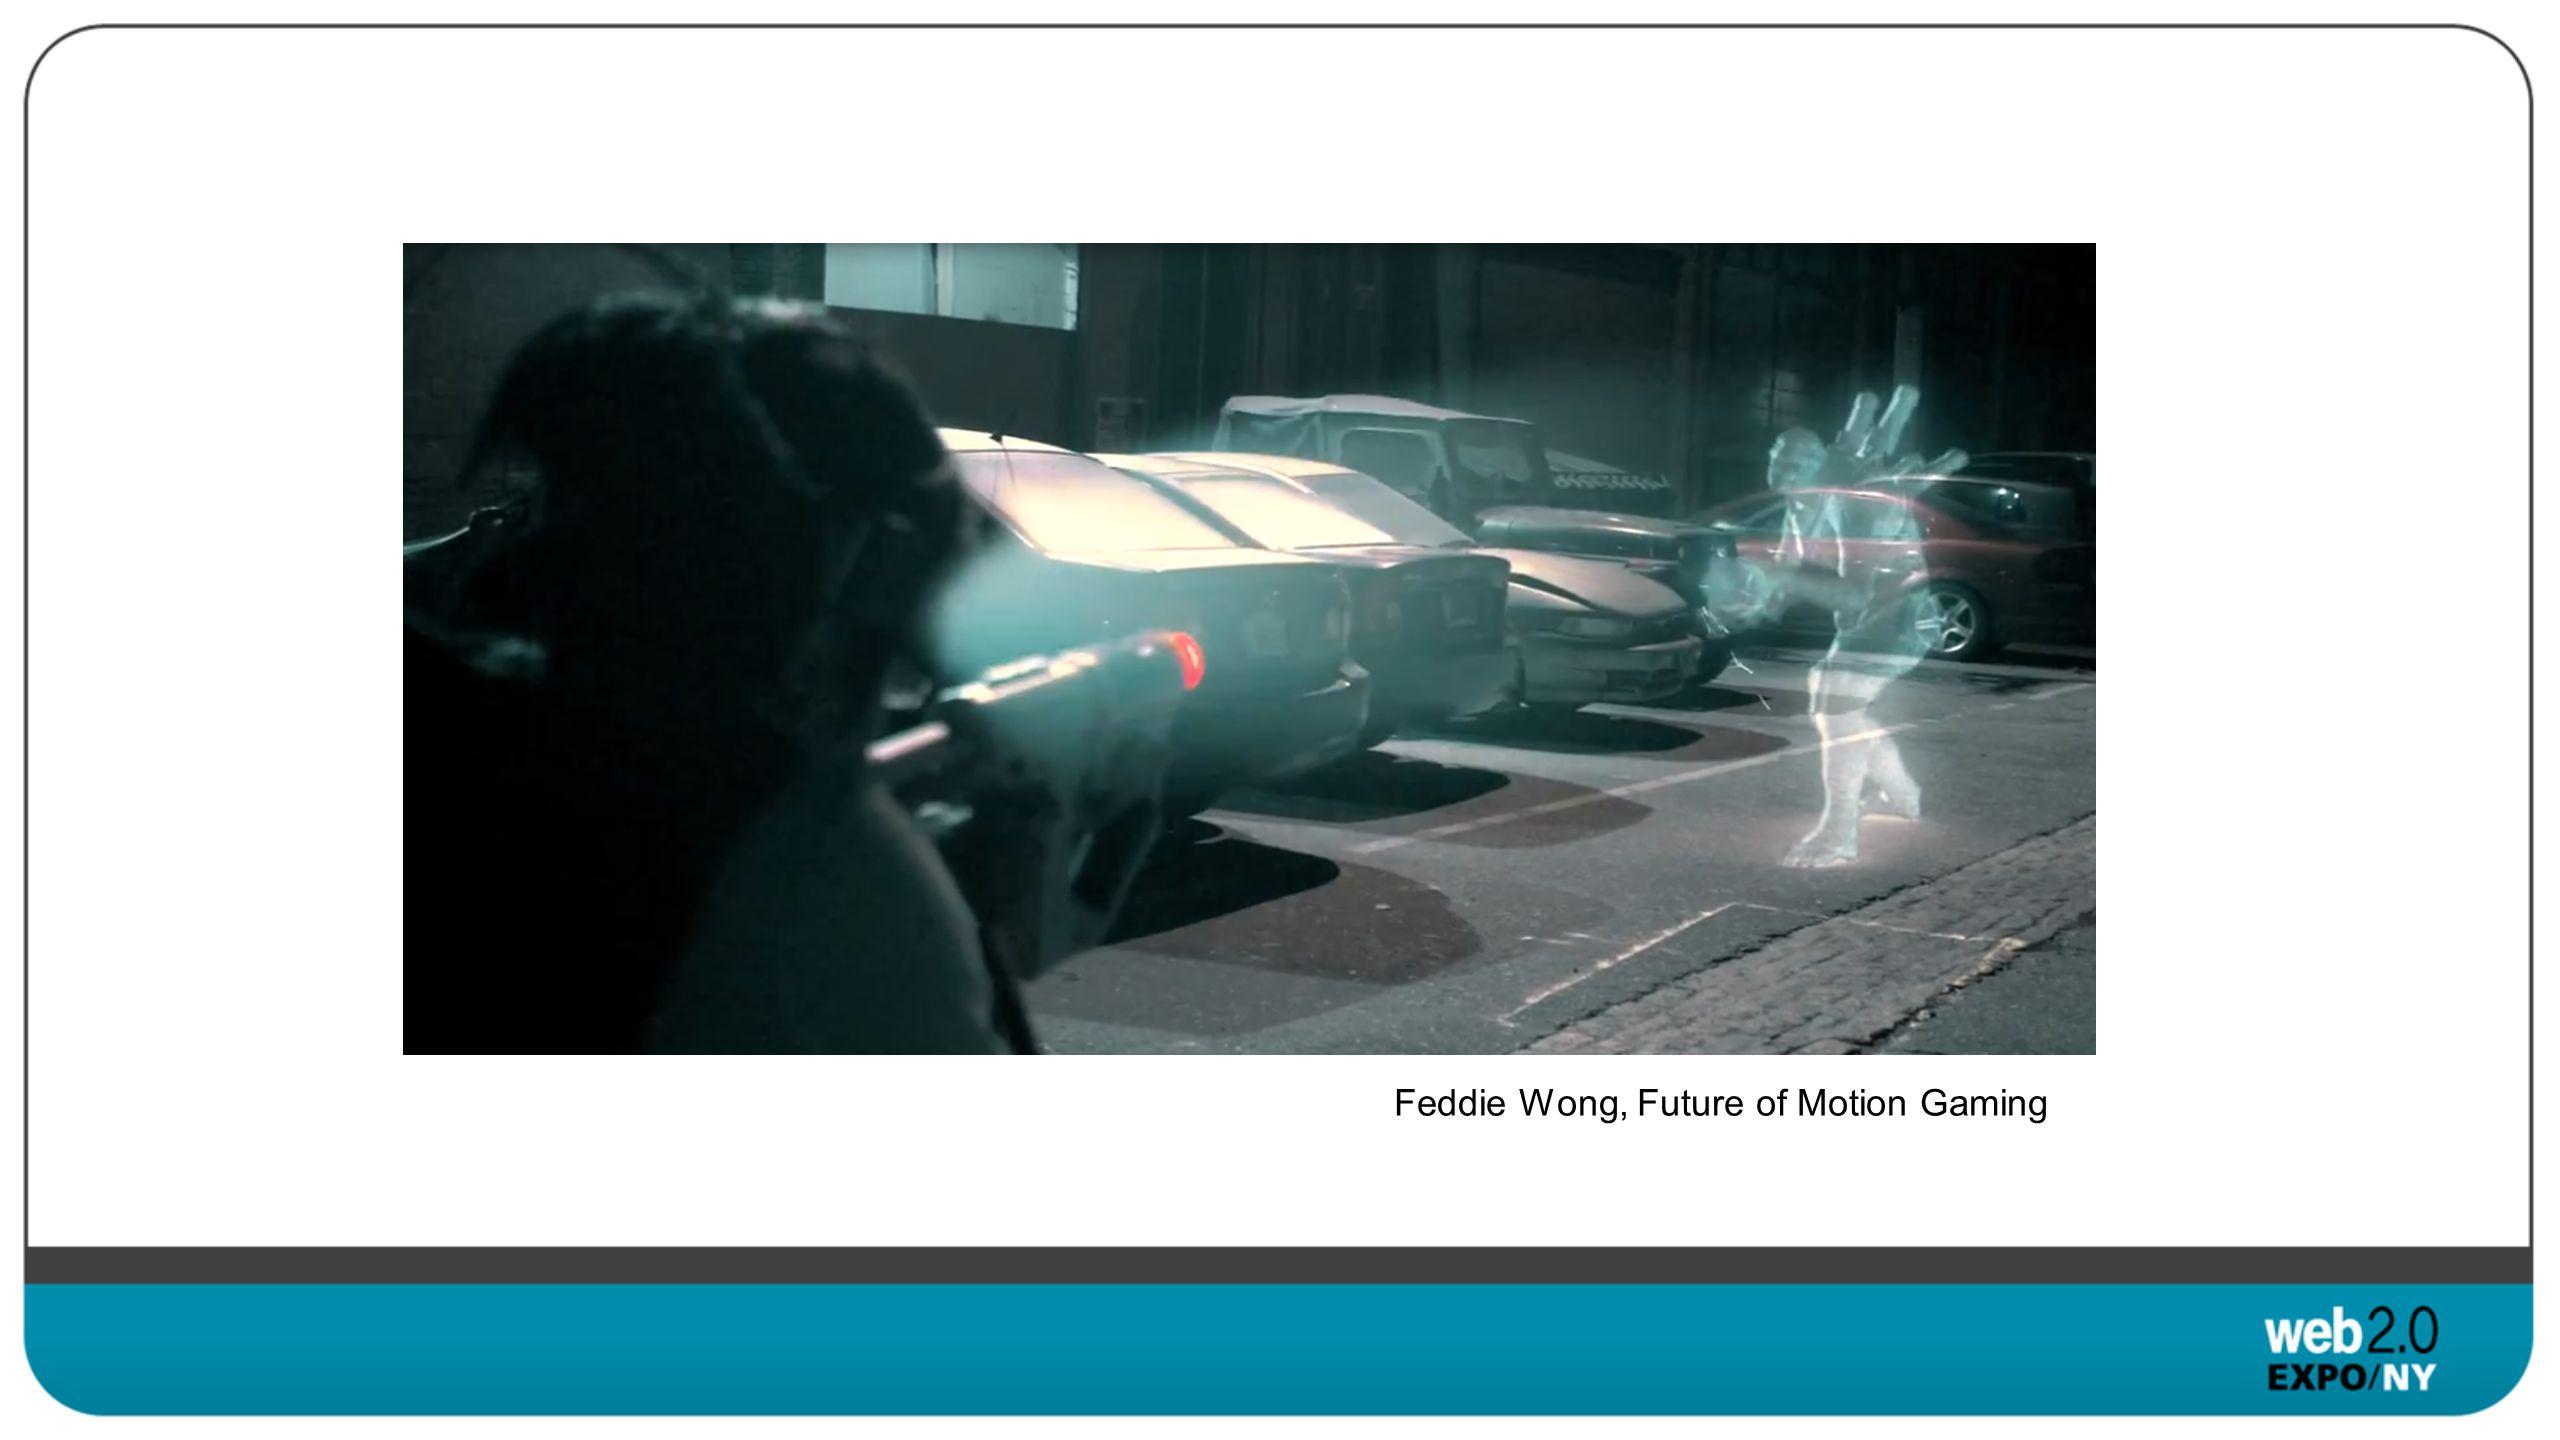 Feddie Wong, Future of Motion Gaming